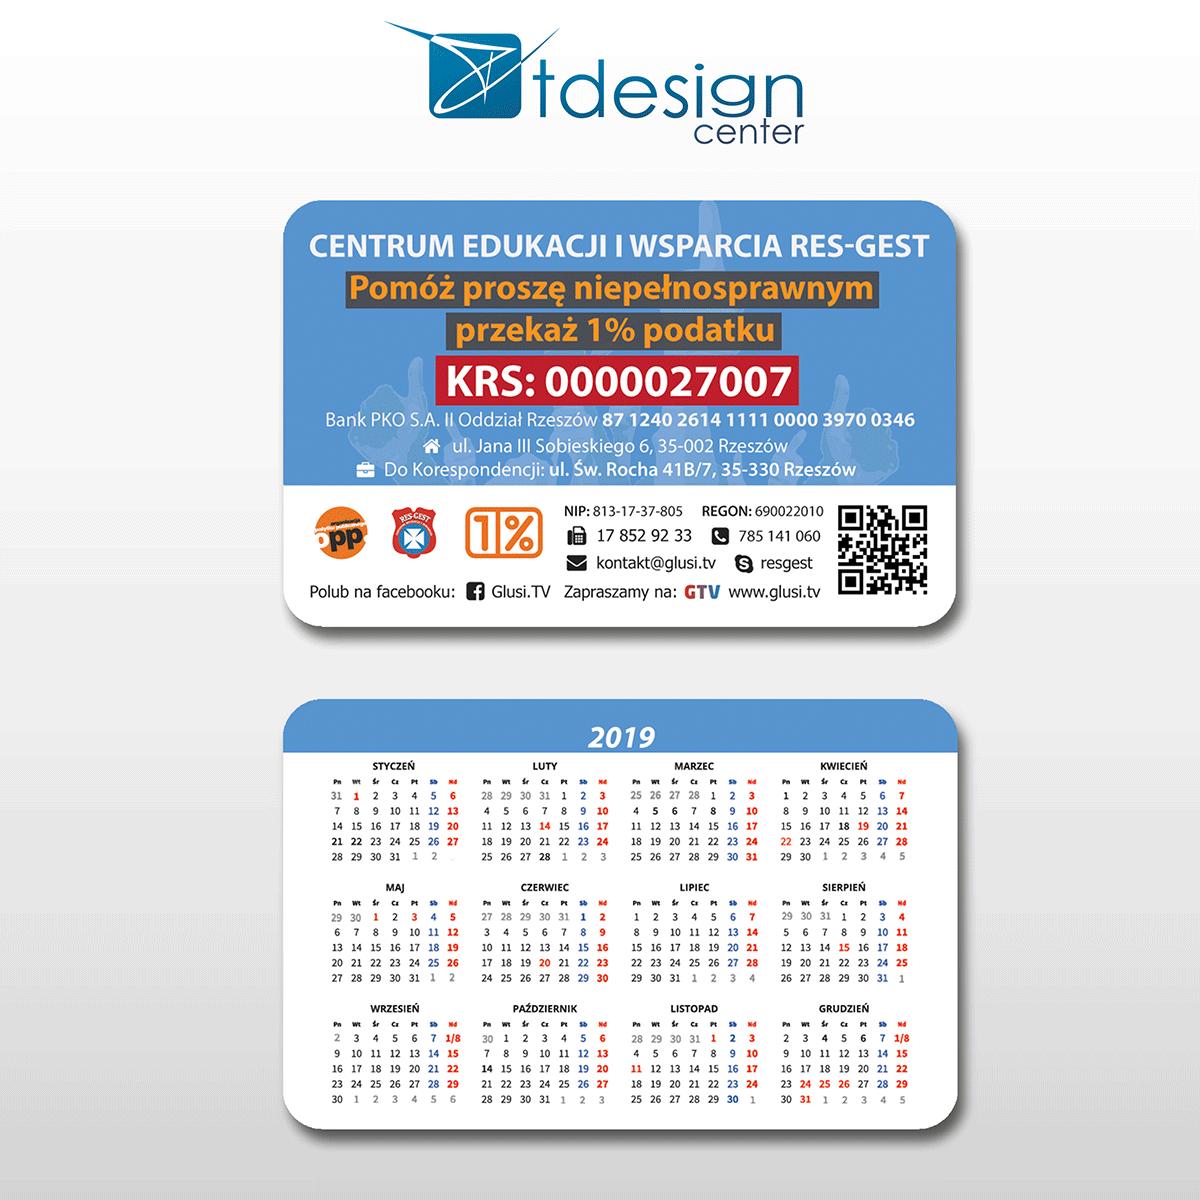 Kalendarzyk/Karta 85x54 mm, projekt + druk, realizacja dla firmy ResGest